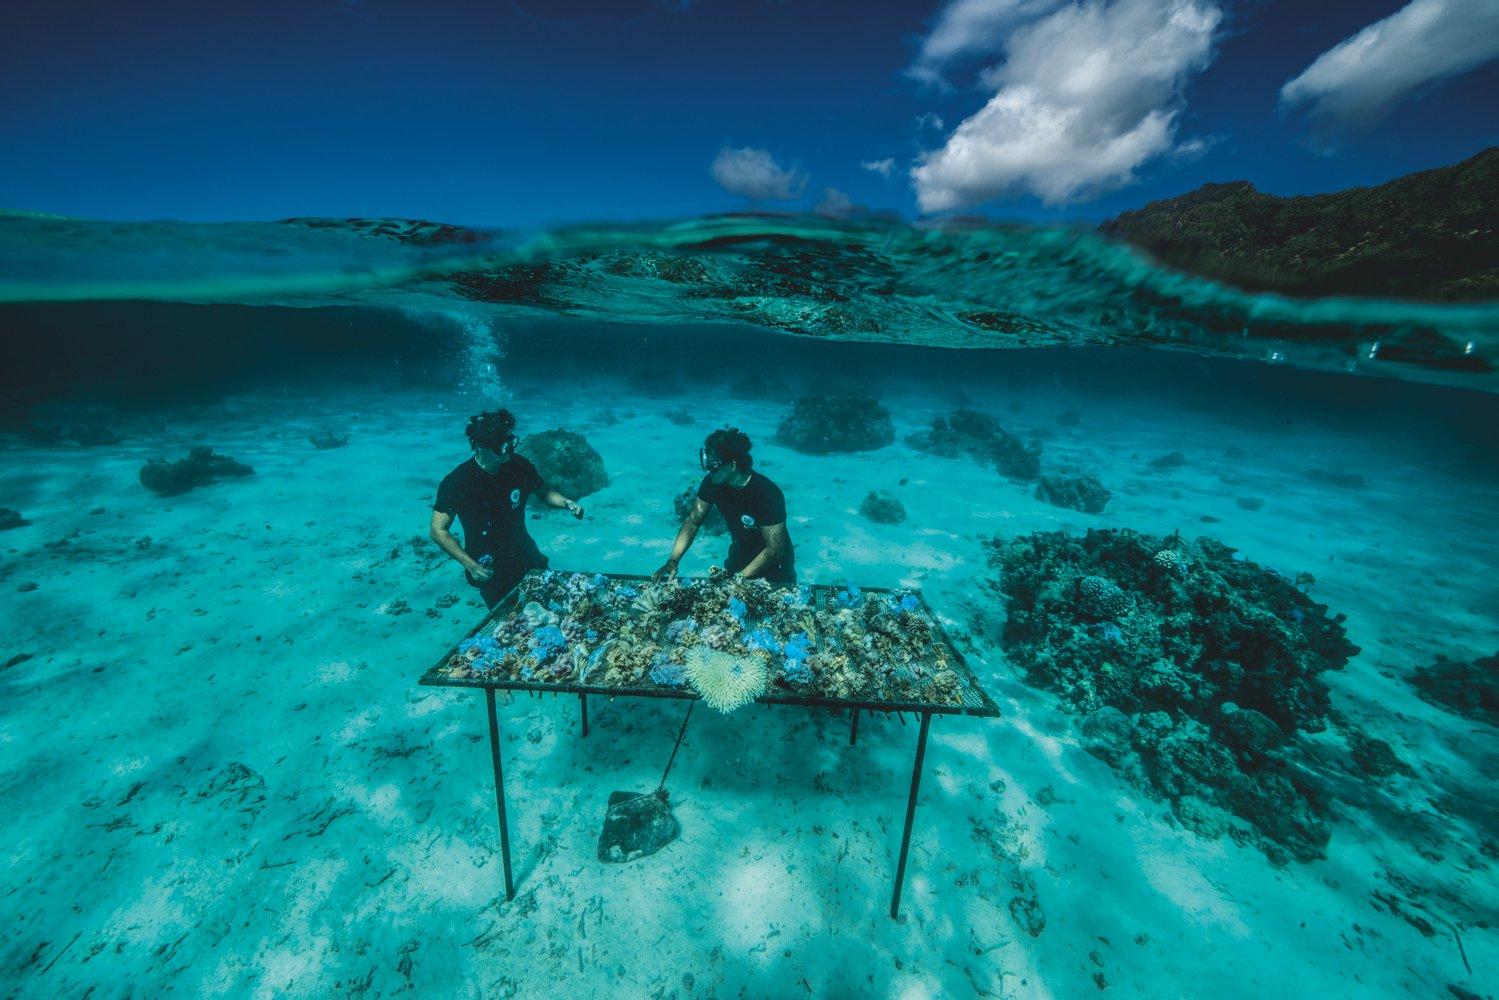 Нове життя рифів: дослідники National Geographic за 6 років пересадили 6000 фрагментів коралів - зміни клімату - 22 ryf